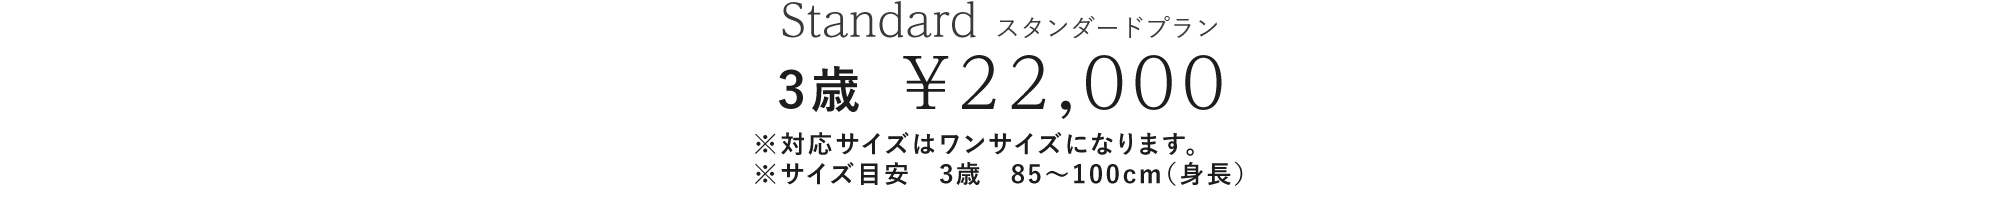 3歳22,000円プラン